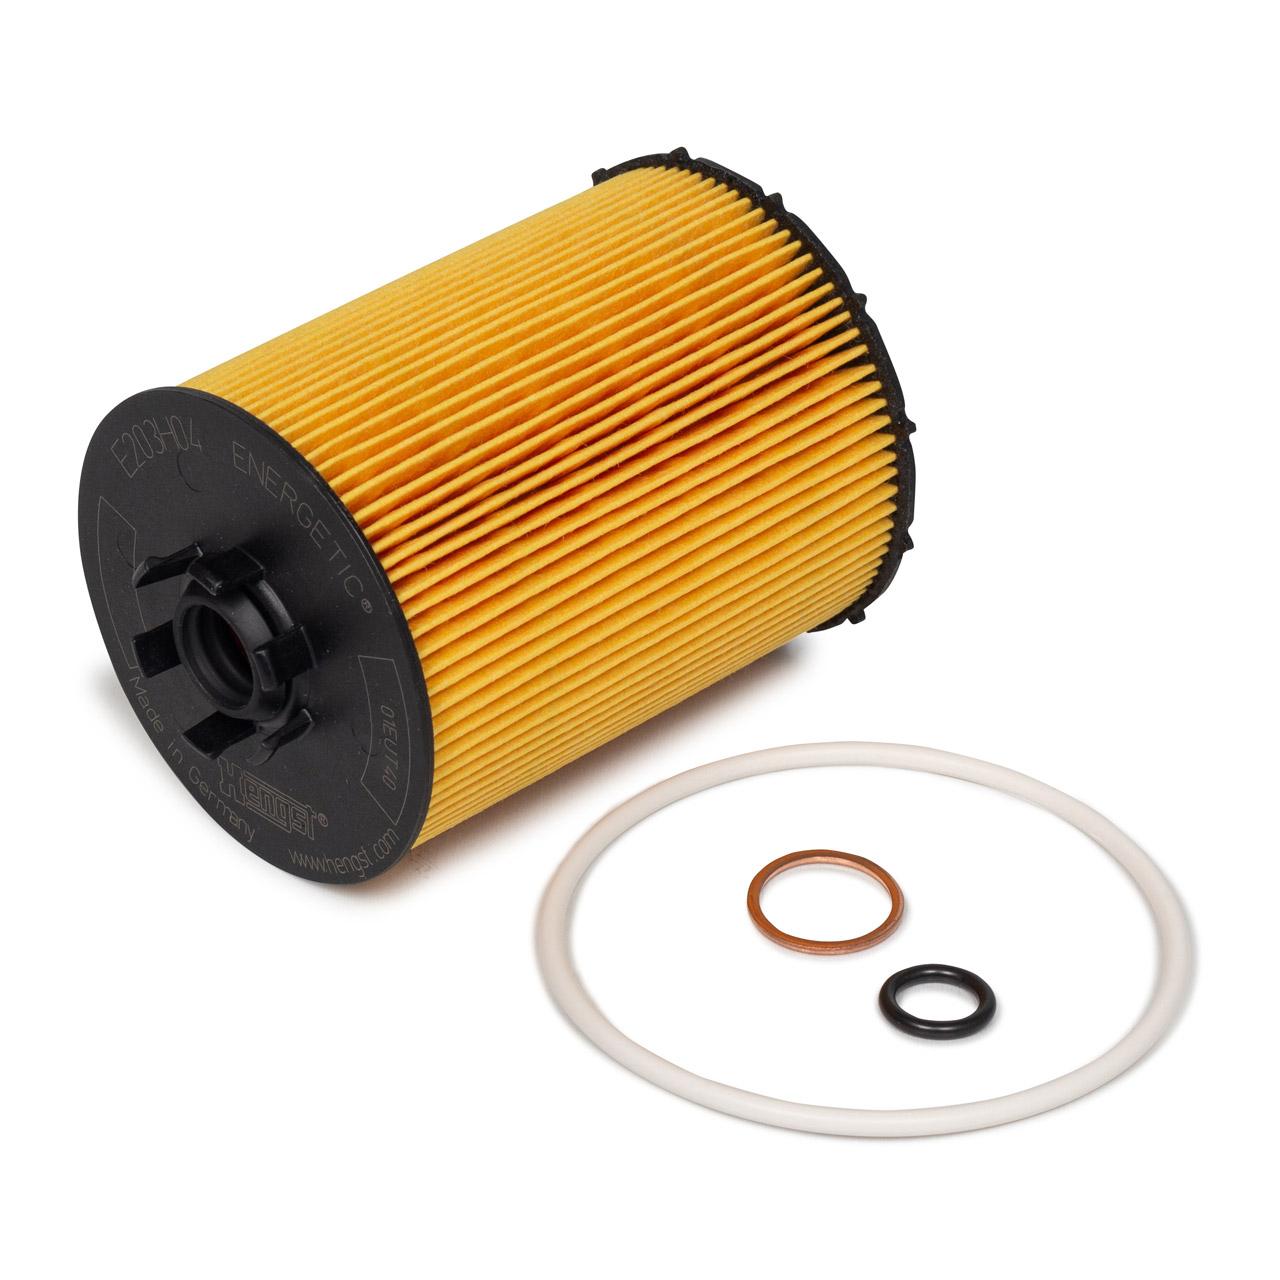 Inspektionskit Filterpaket Filterset für BMW X5 E70 4.8ixDrive / xDrive48i 355PS